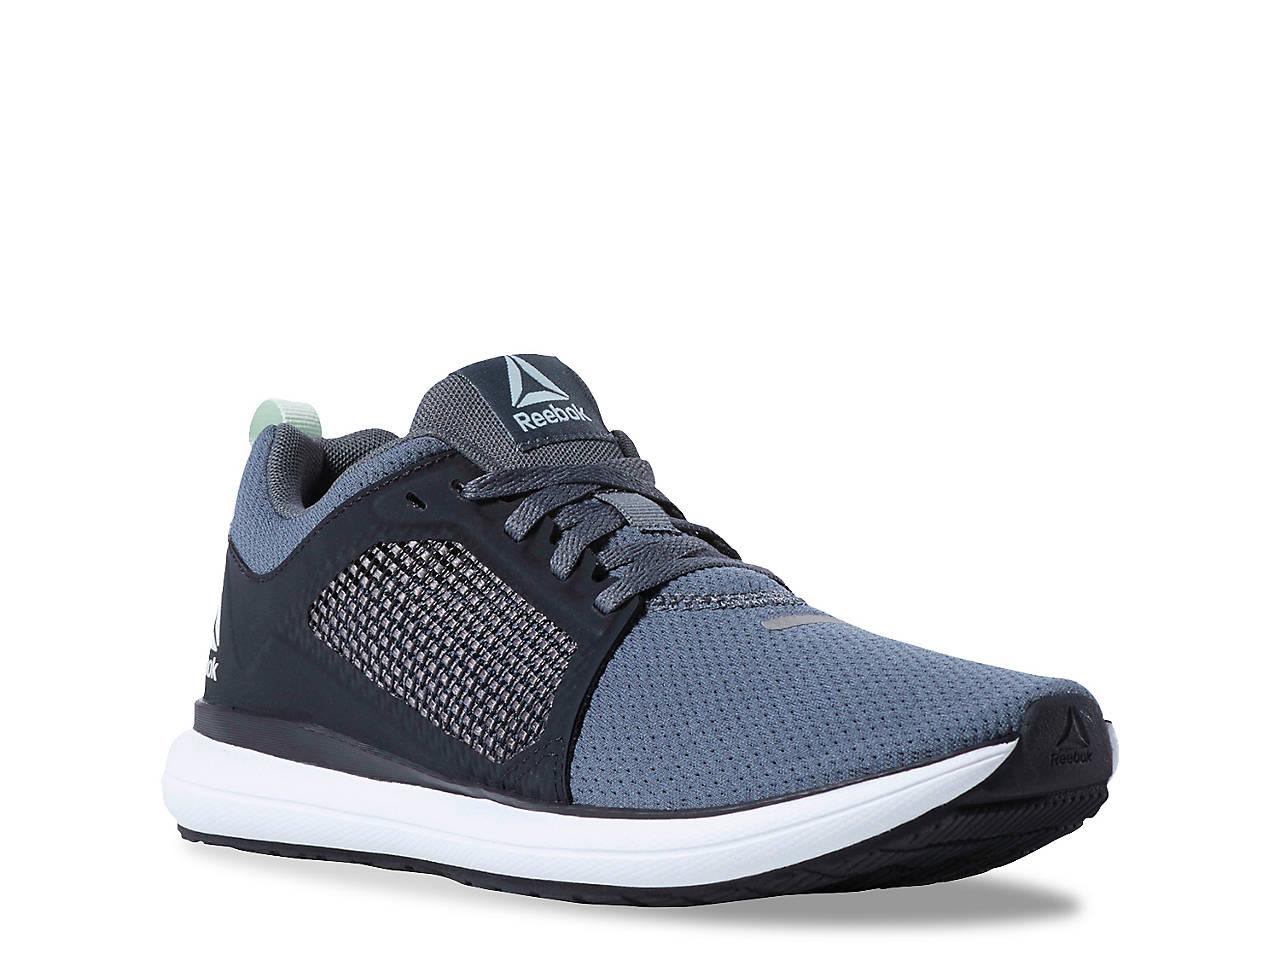 6a8c5aa0dd35e3 Reebok Driftium Ride Running Shoe - Women s Women s Shoes